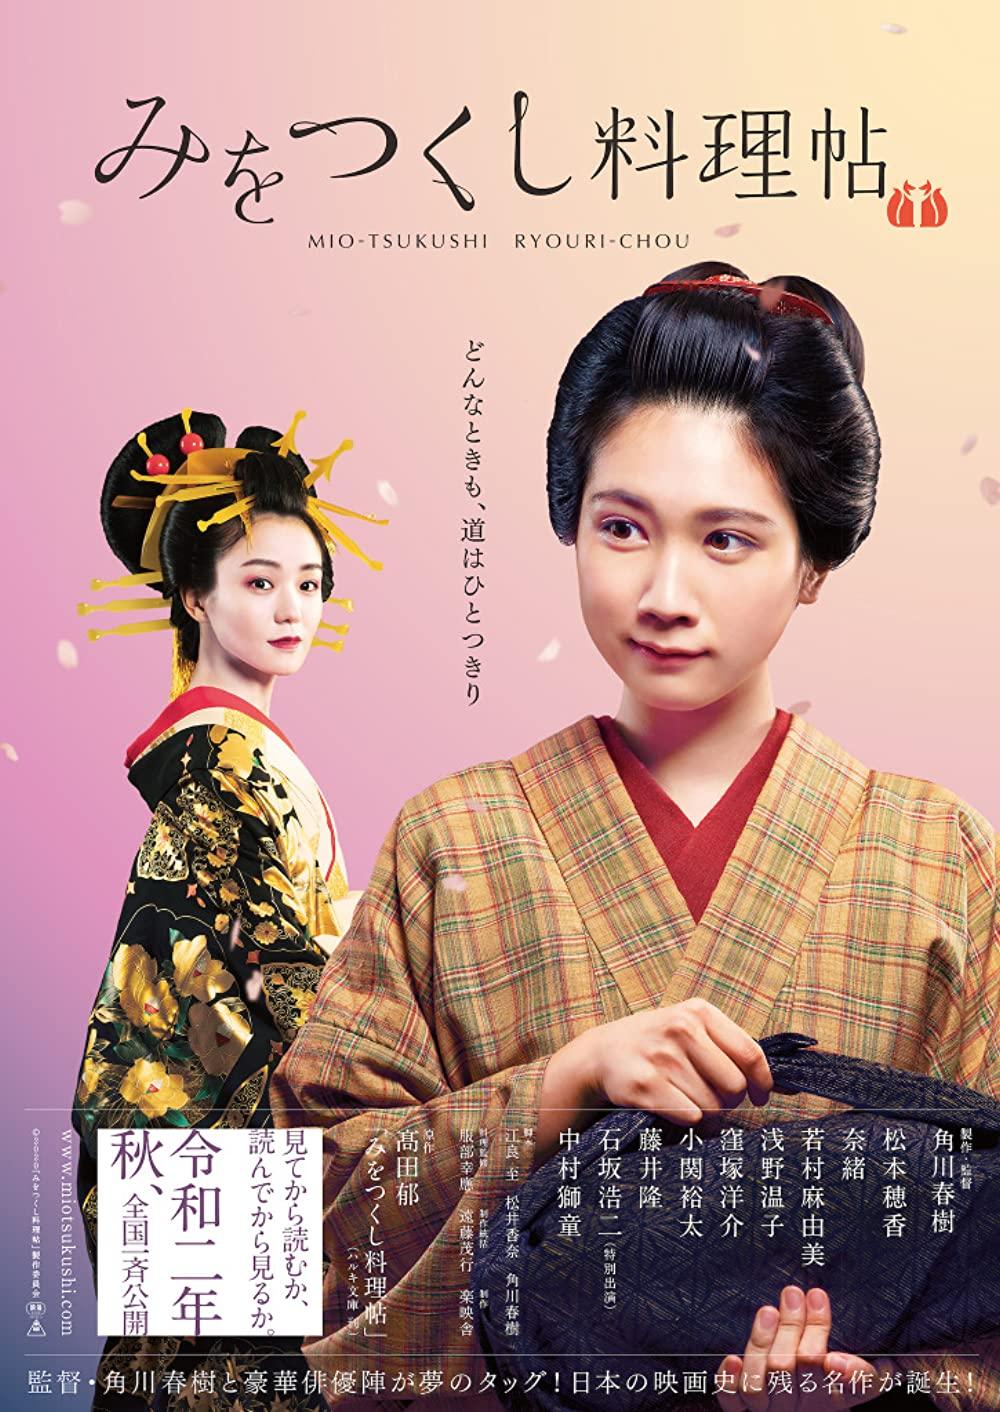 Watch Movie Mio-Tsukushi Ryouri-Chou